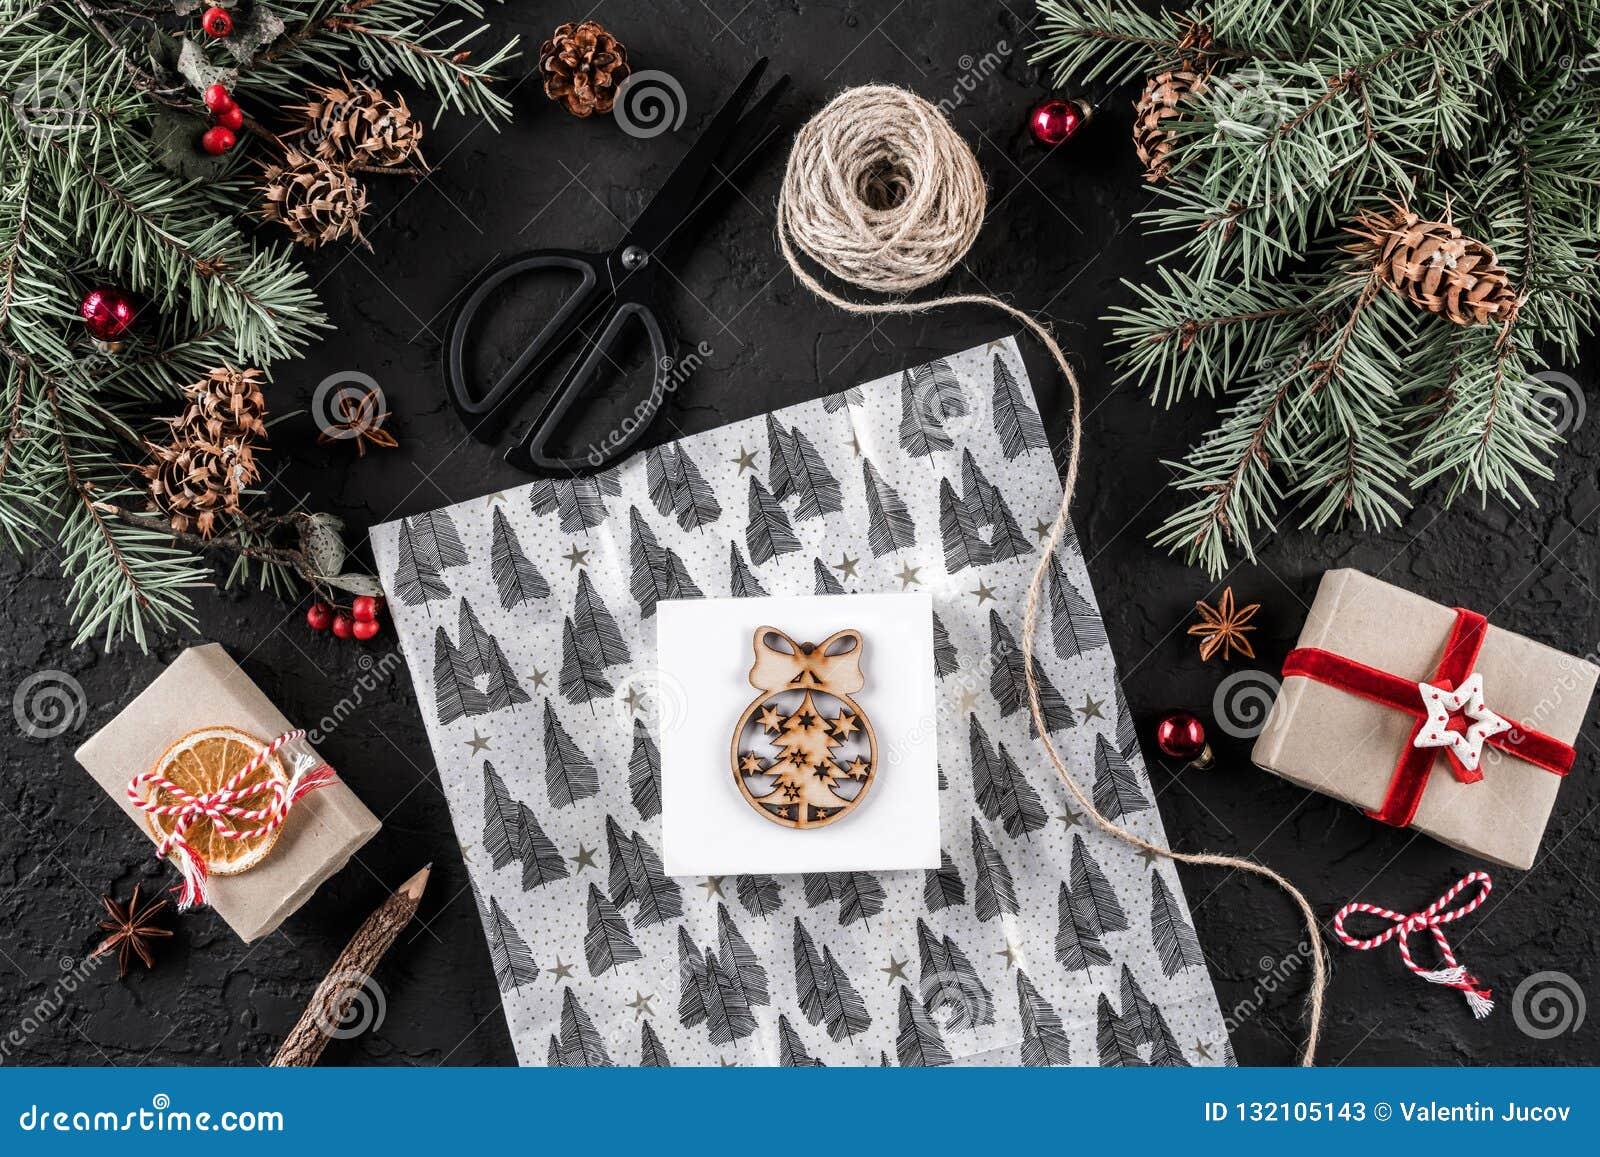 Weihnachtszusammensetzung mit Buchstaben, einwickelndes Weihnachten, Tannenzweige, Geschenke, Kiefernkegel, rote Dekorationen, Sc